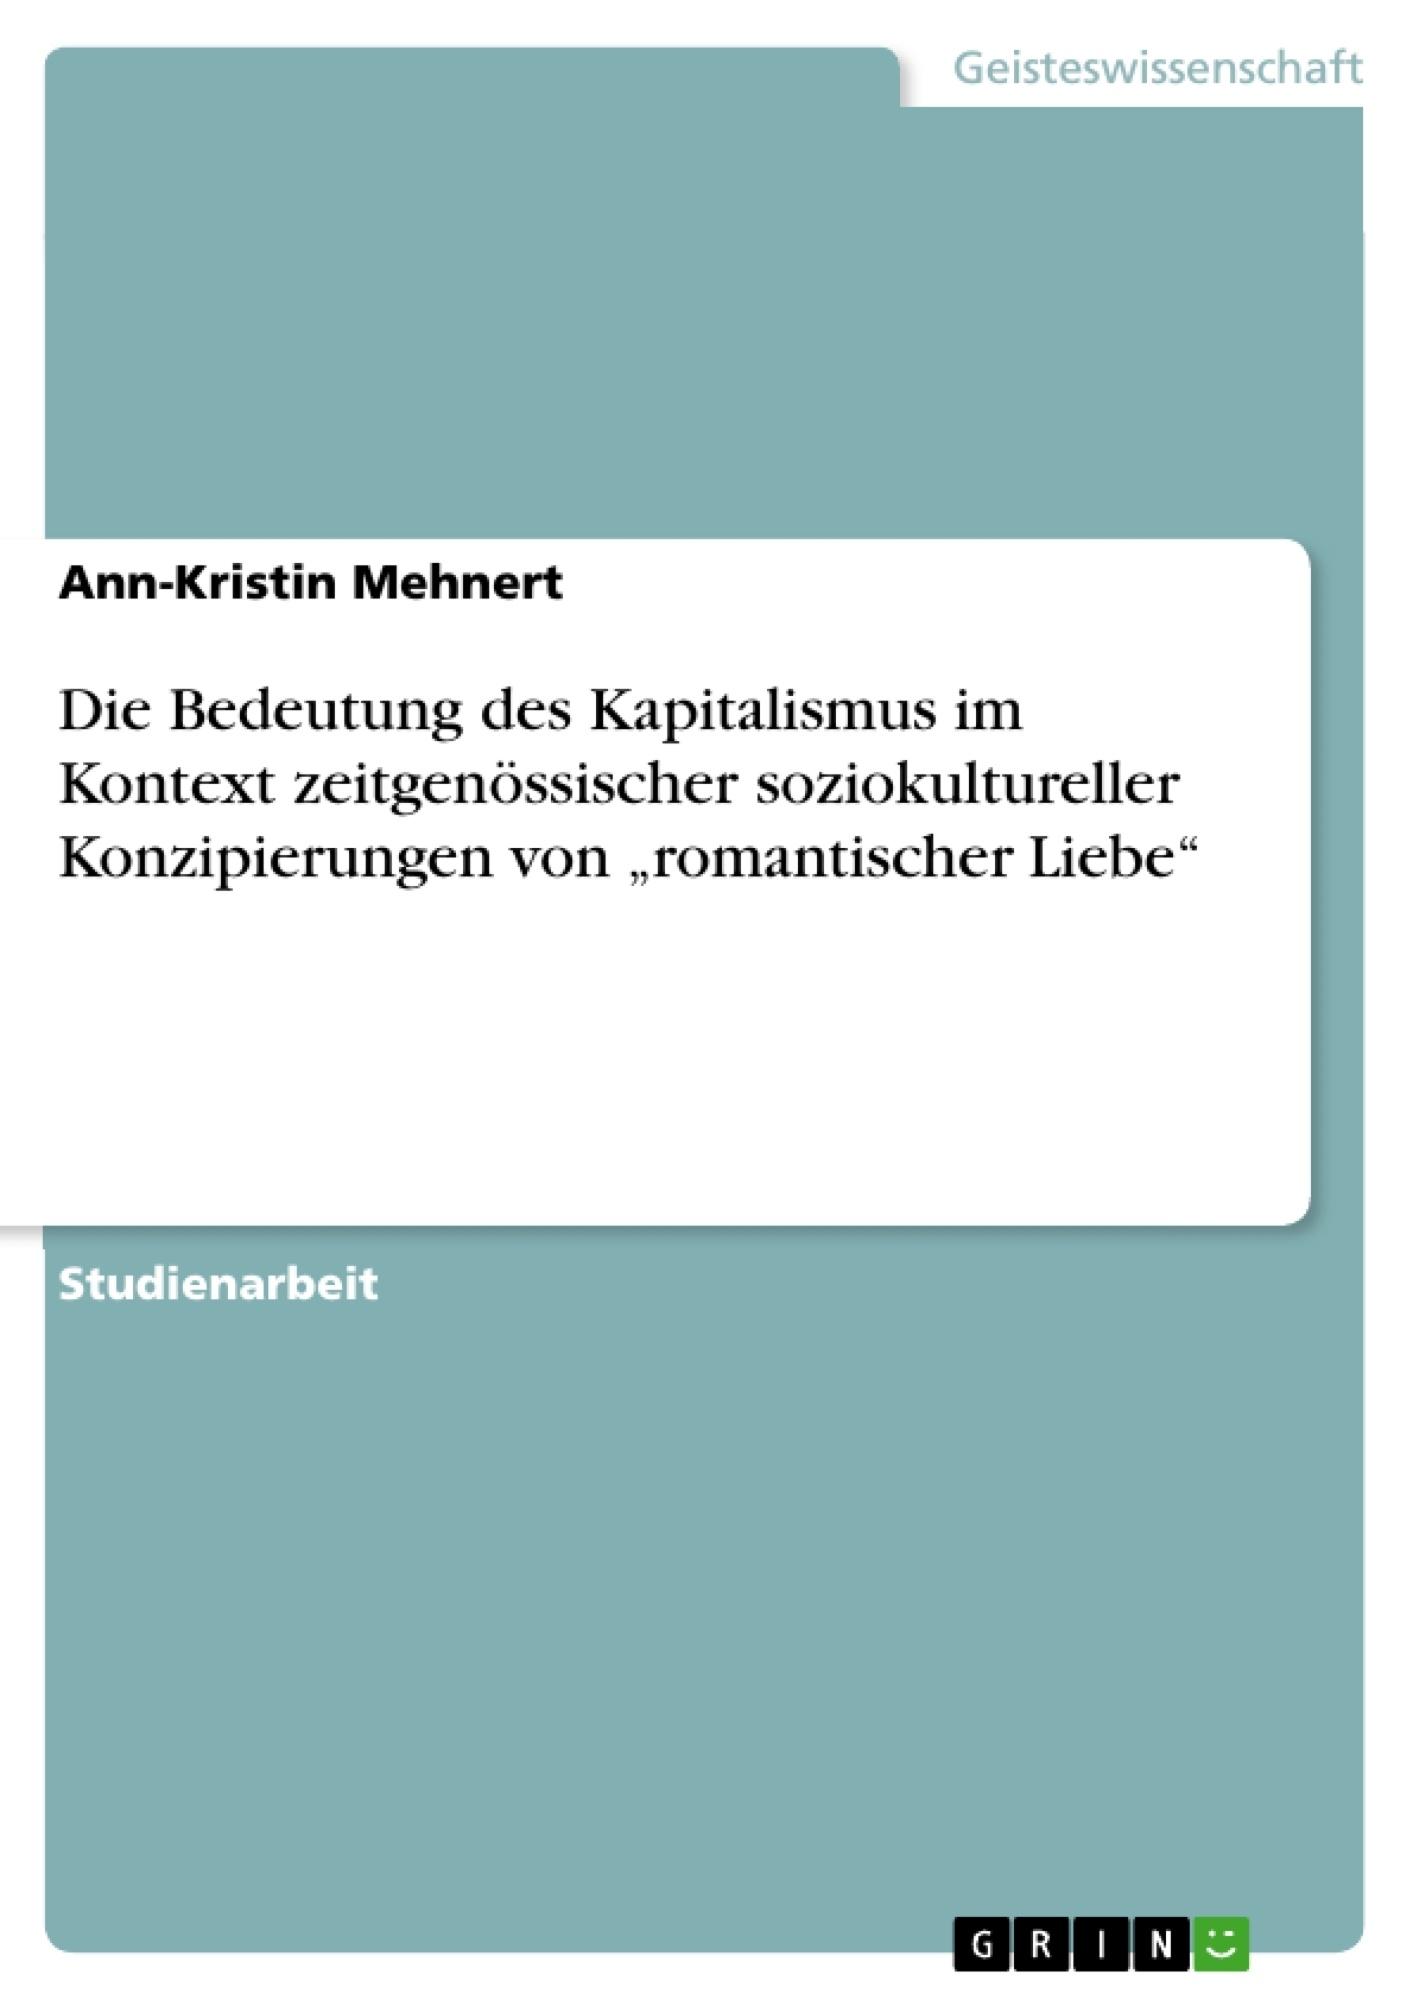 """Titel: Die Bedeutung des Kapitalismus im Kontext zeitgenössischer soziokultureller Konzipierungen von """"romantischer Liebe"""""""